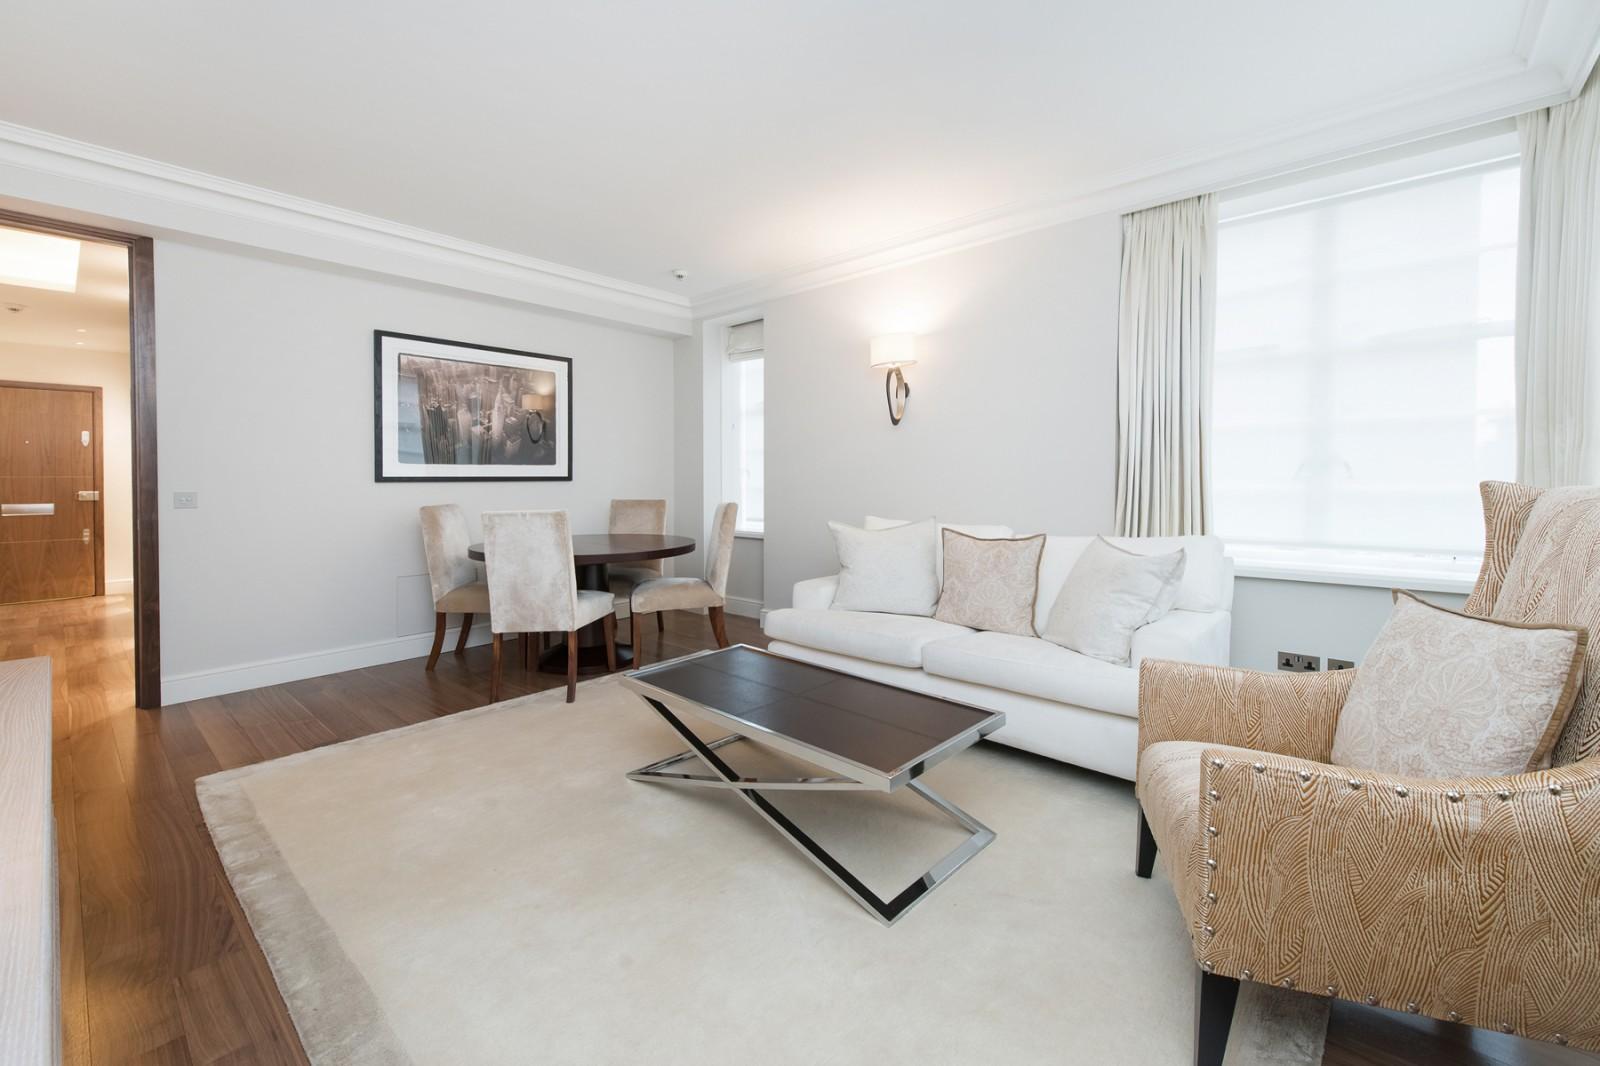 Appartements / Flats pour l à louer à Lowndes Square, Knightsbridge, London, SW1X Knightsbridge, London, Angleterre